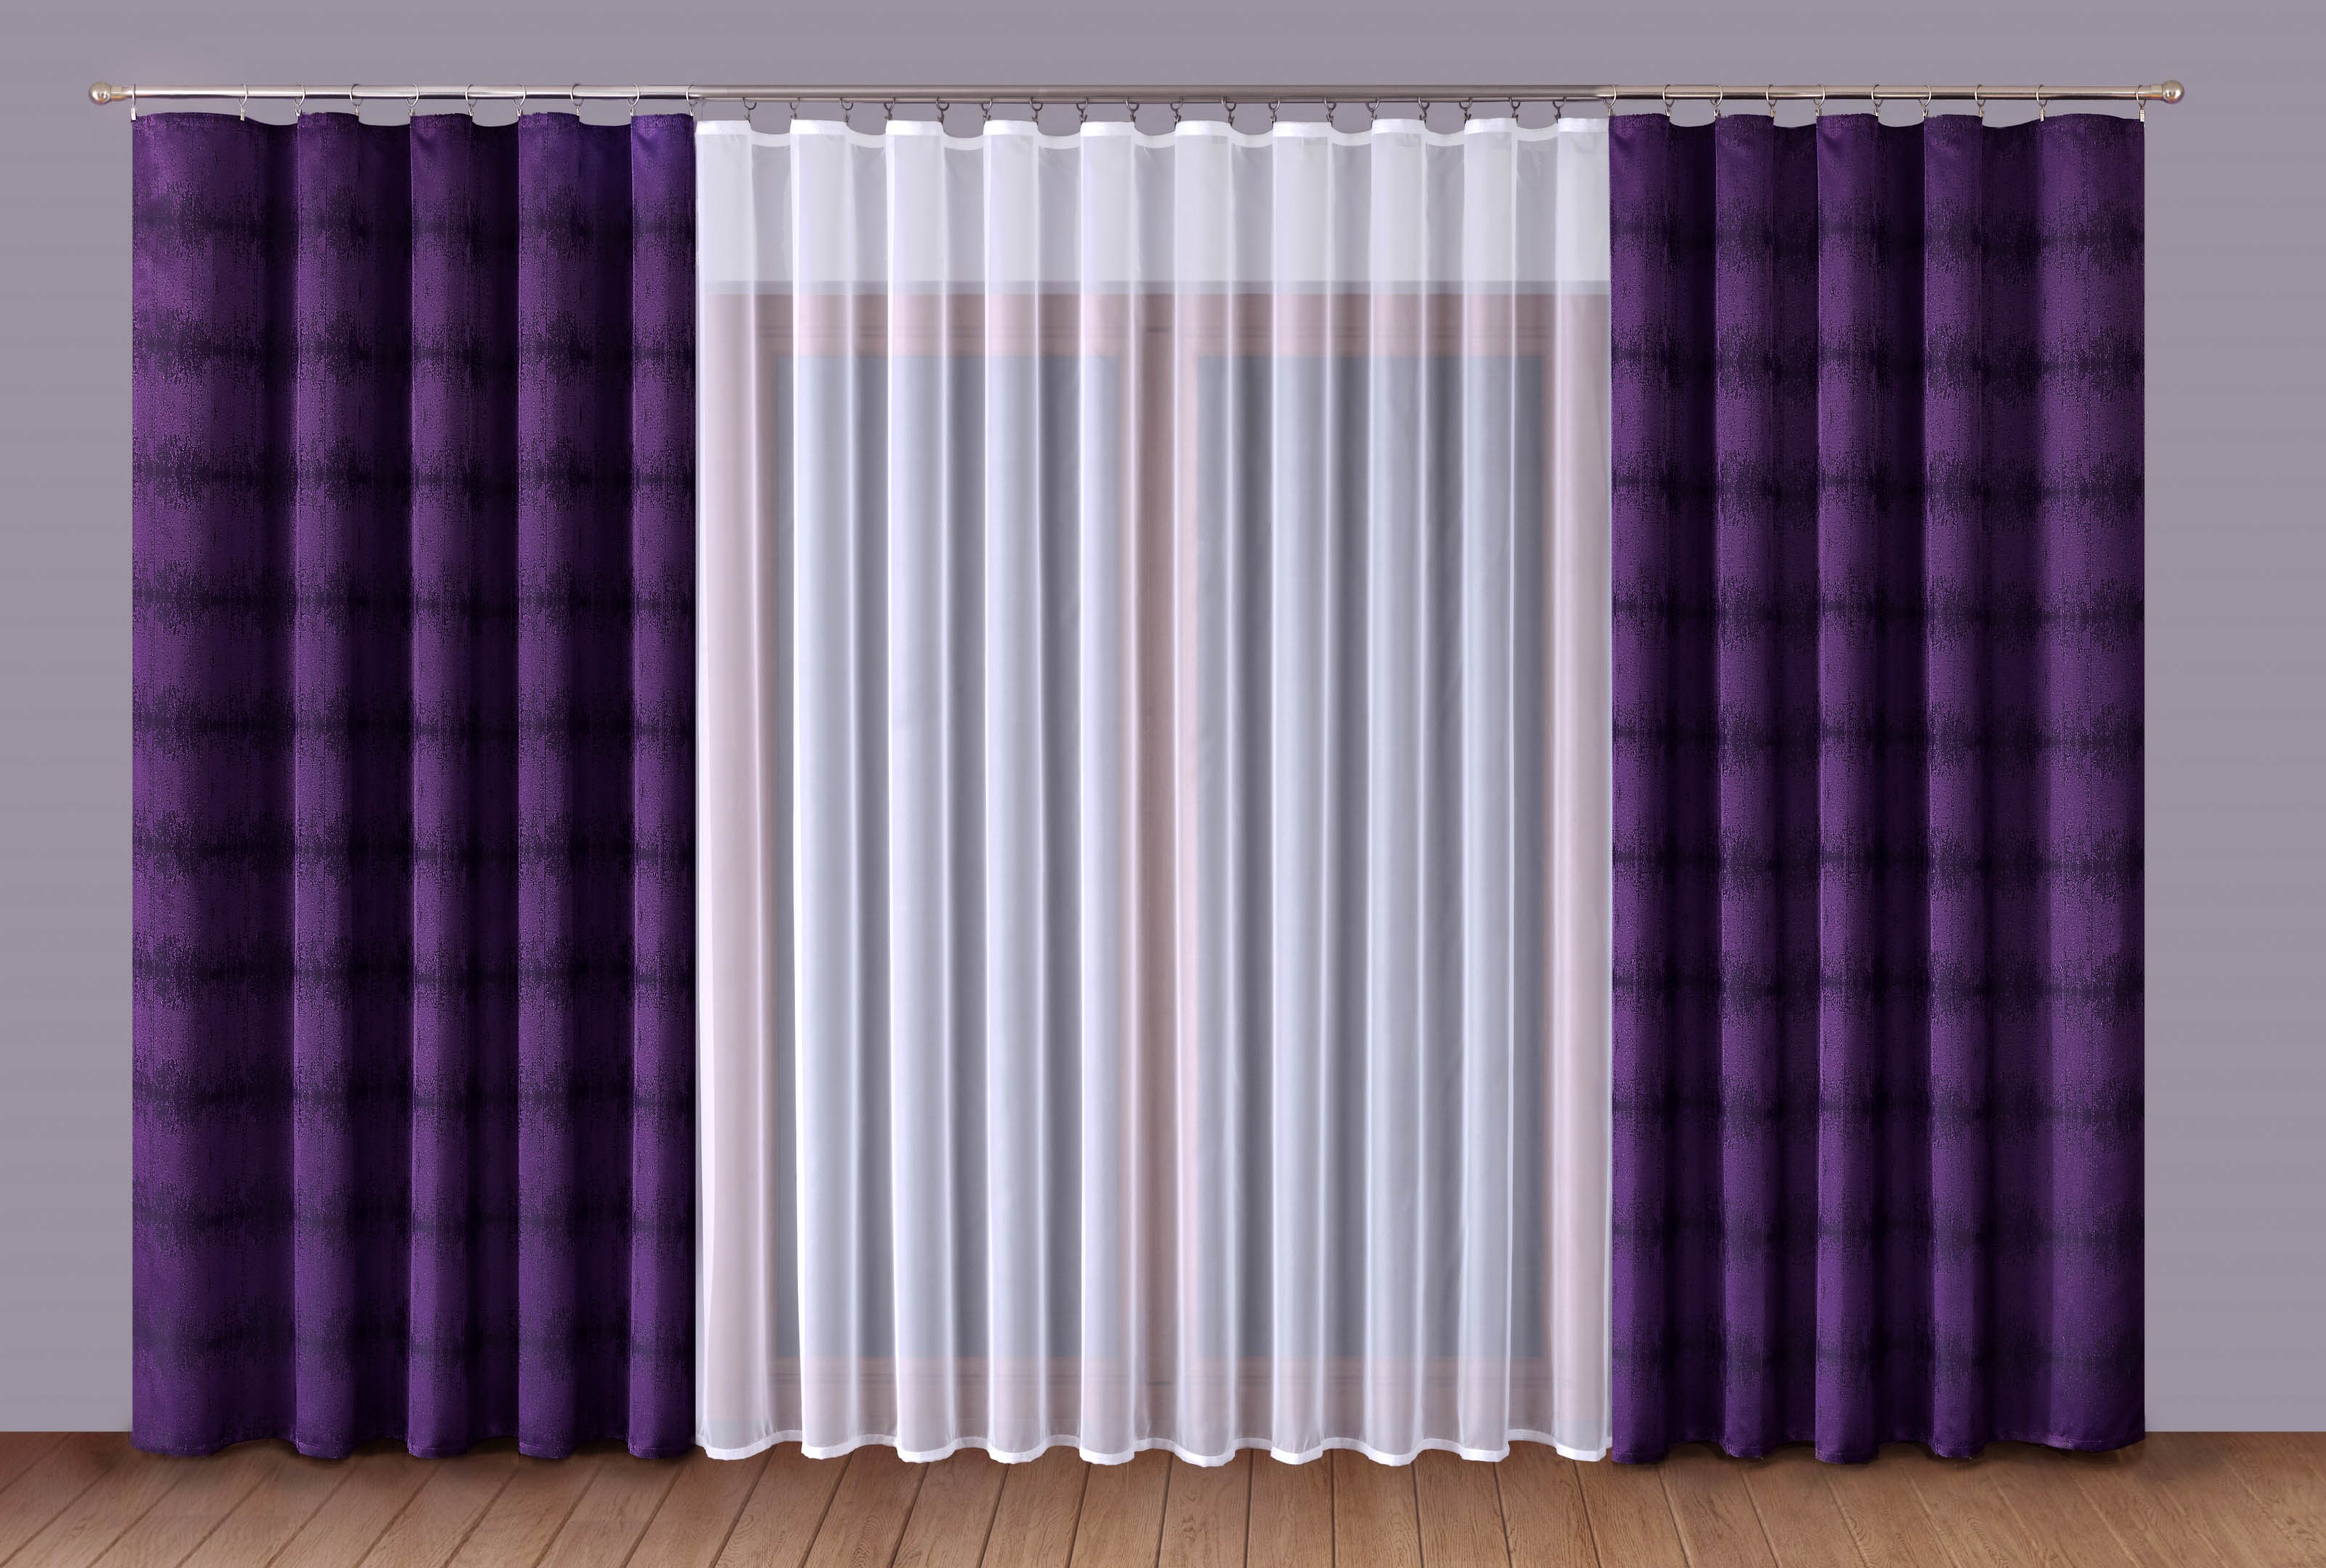 Шторы Primavera Классические шторы Caroline Цвет: Сиреневый-Белый шторы primavera классические шторы didi цвет белый